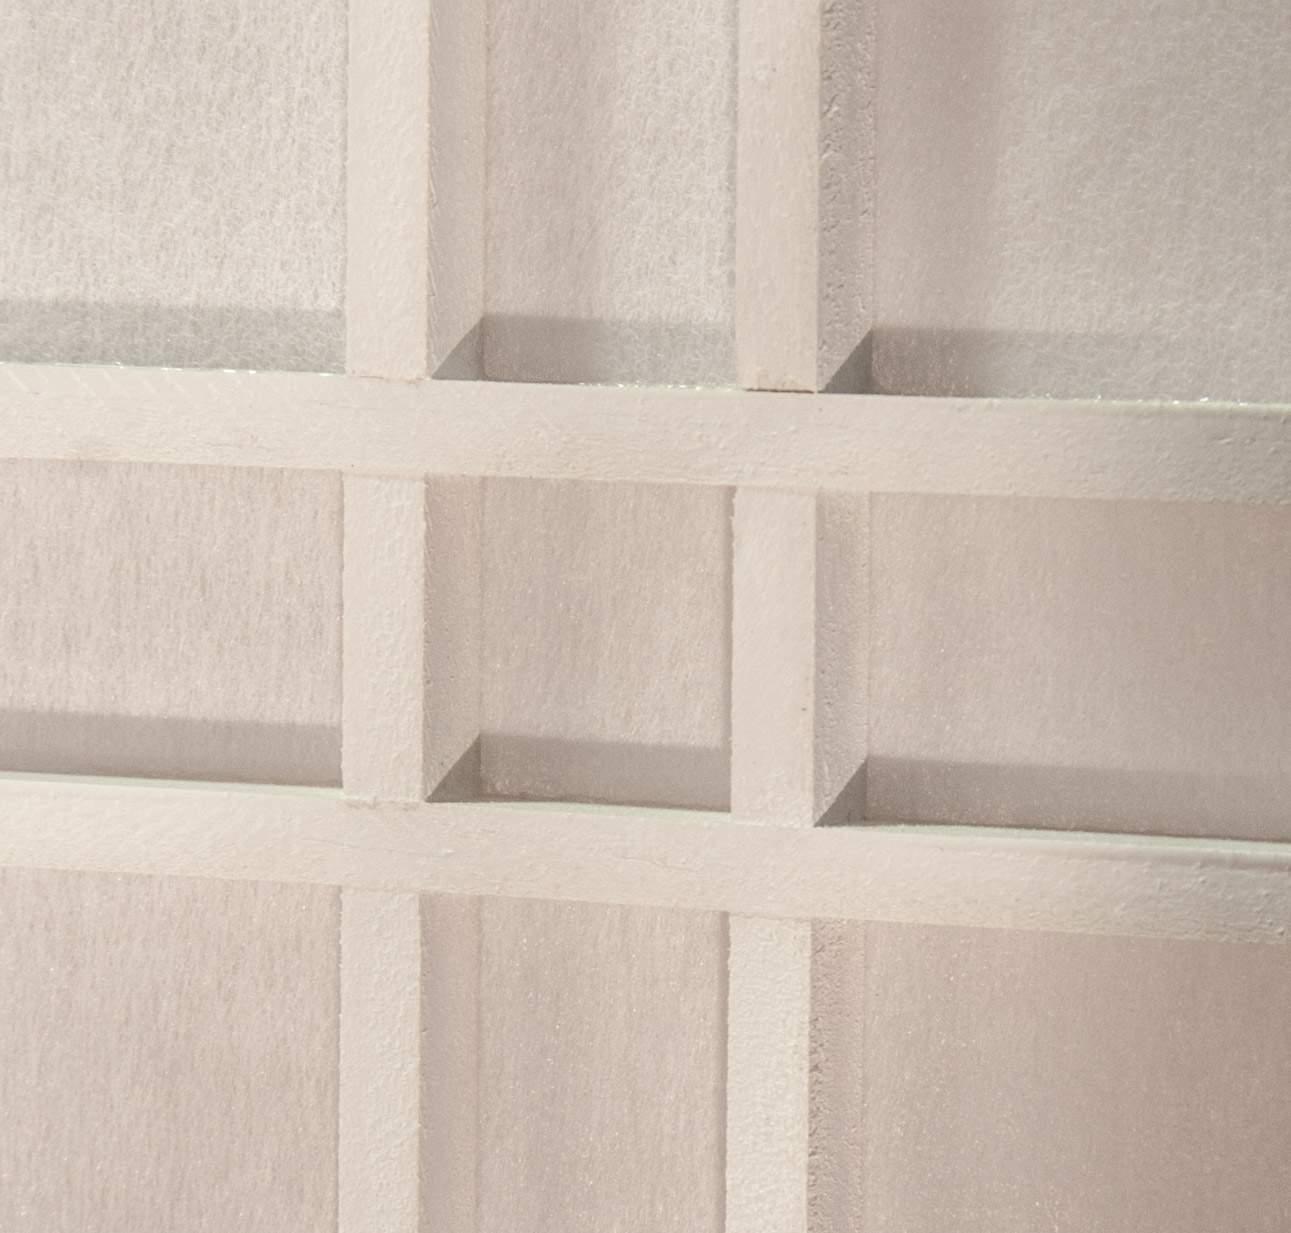 paravent doublecross weiss detail 1